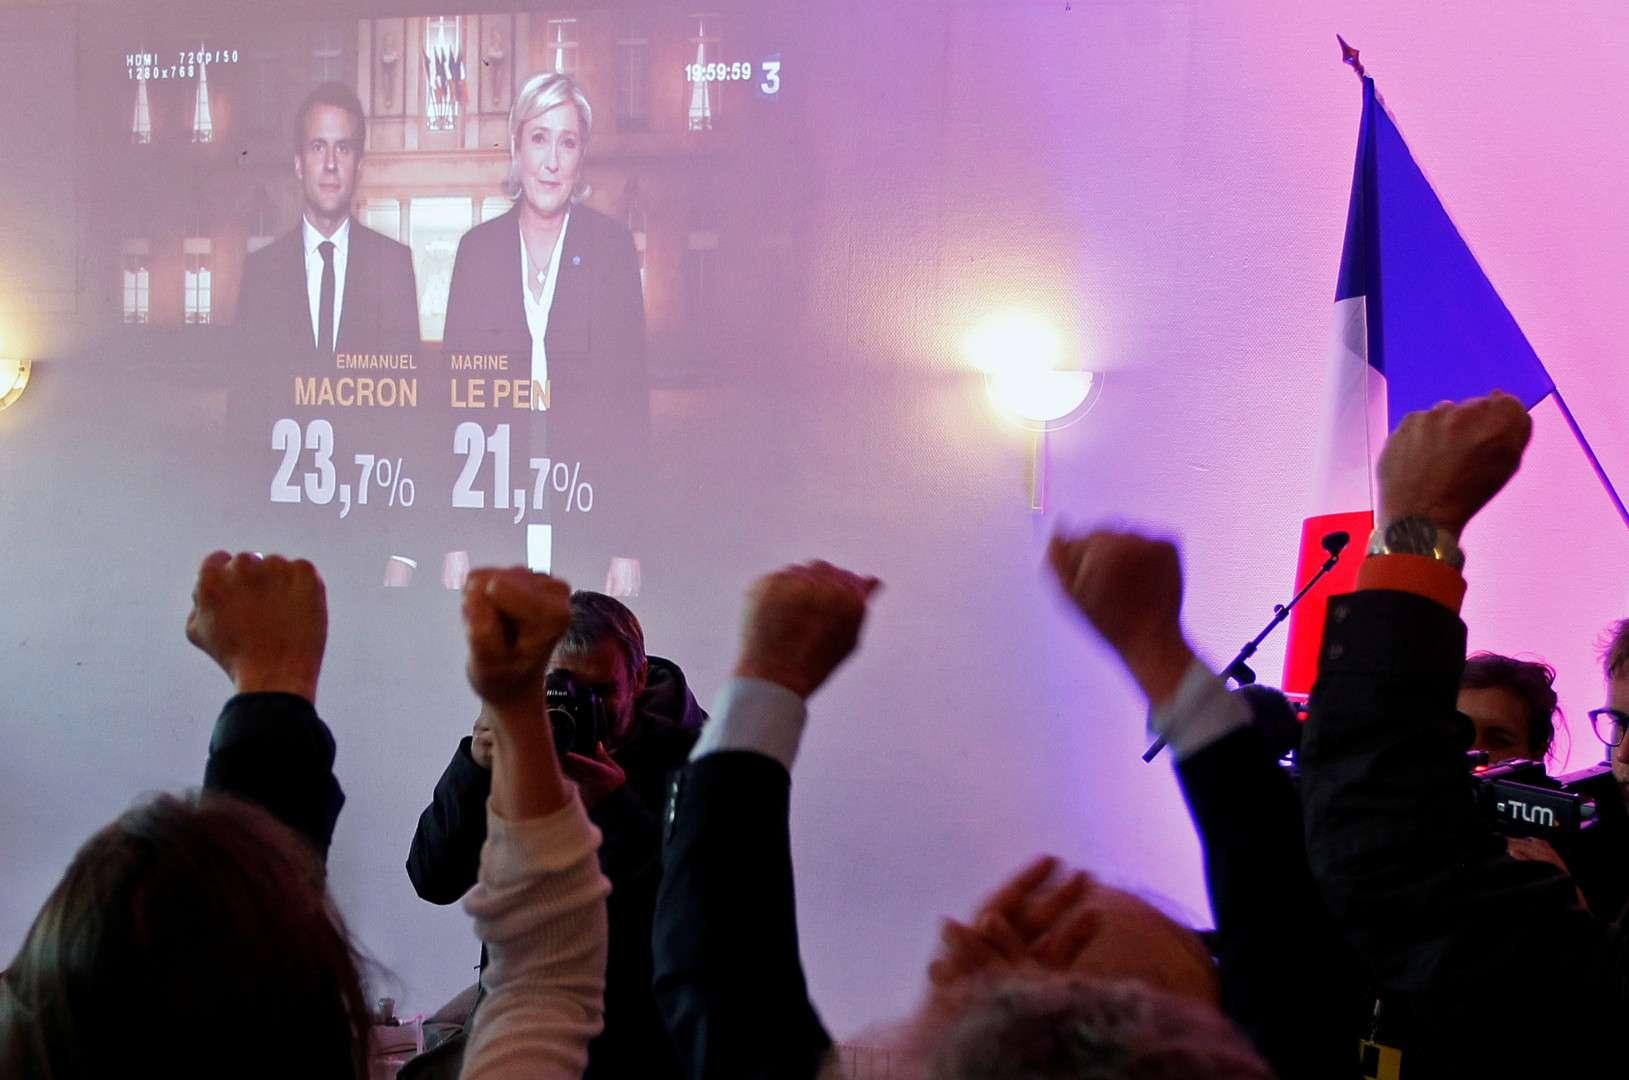 تحديد موعد الانتخابات الرئاسية الفرنسية, صحيفة عربية -بروفايل نيوز